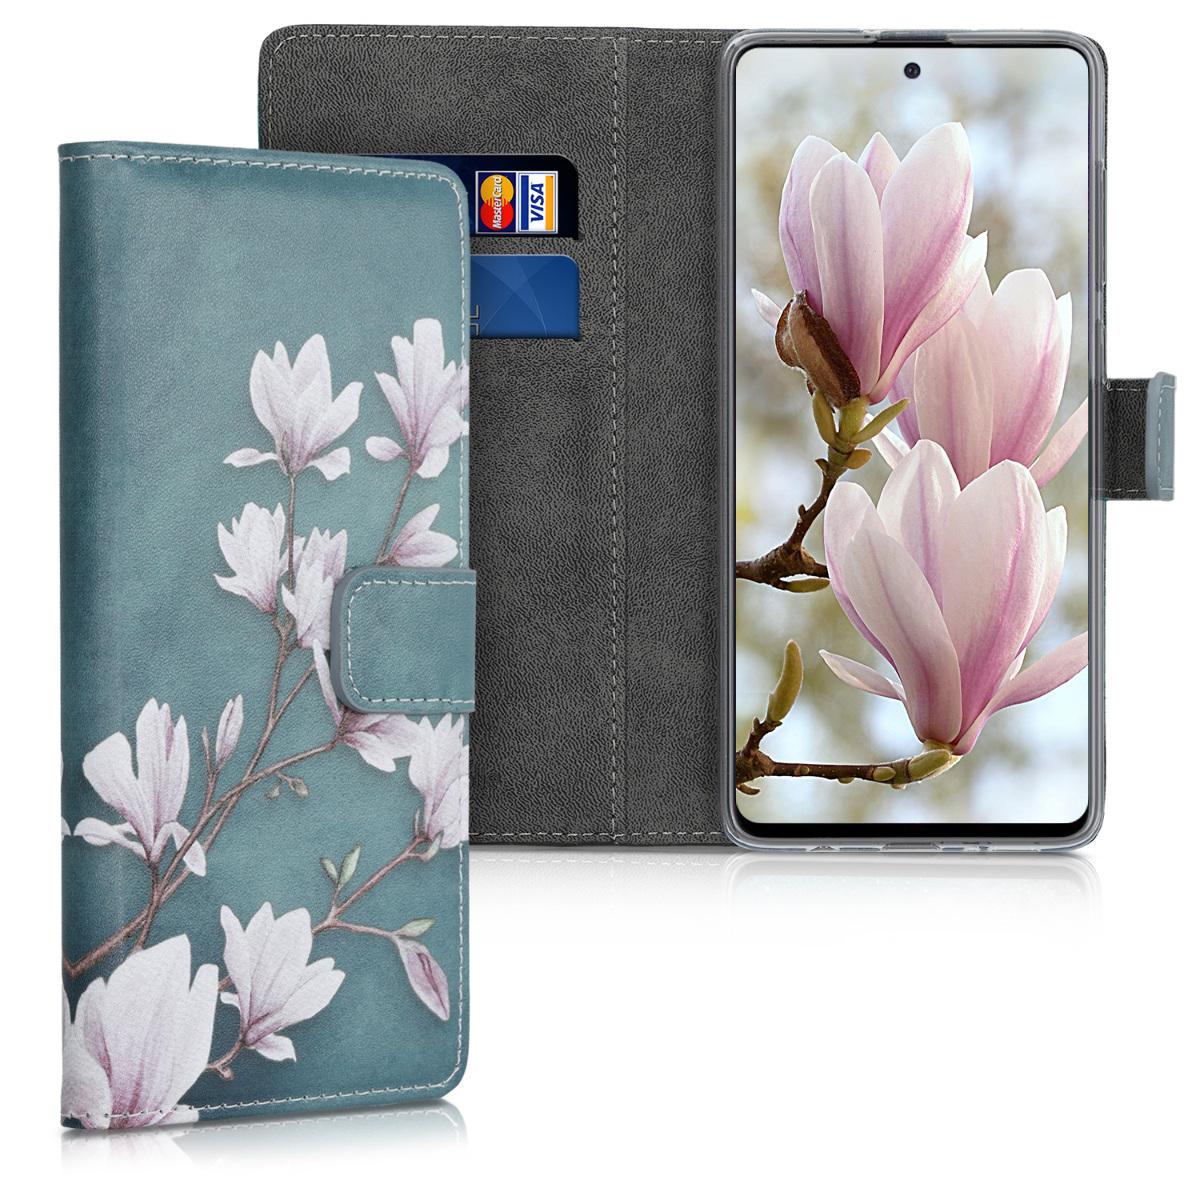 Kožené pouzdro pro Samsung A71 - Magnolie Taupe / bílá / modré šedé